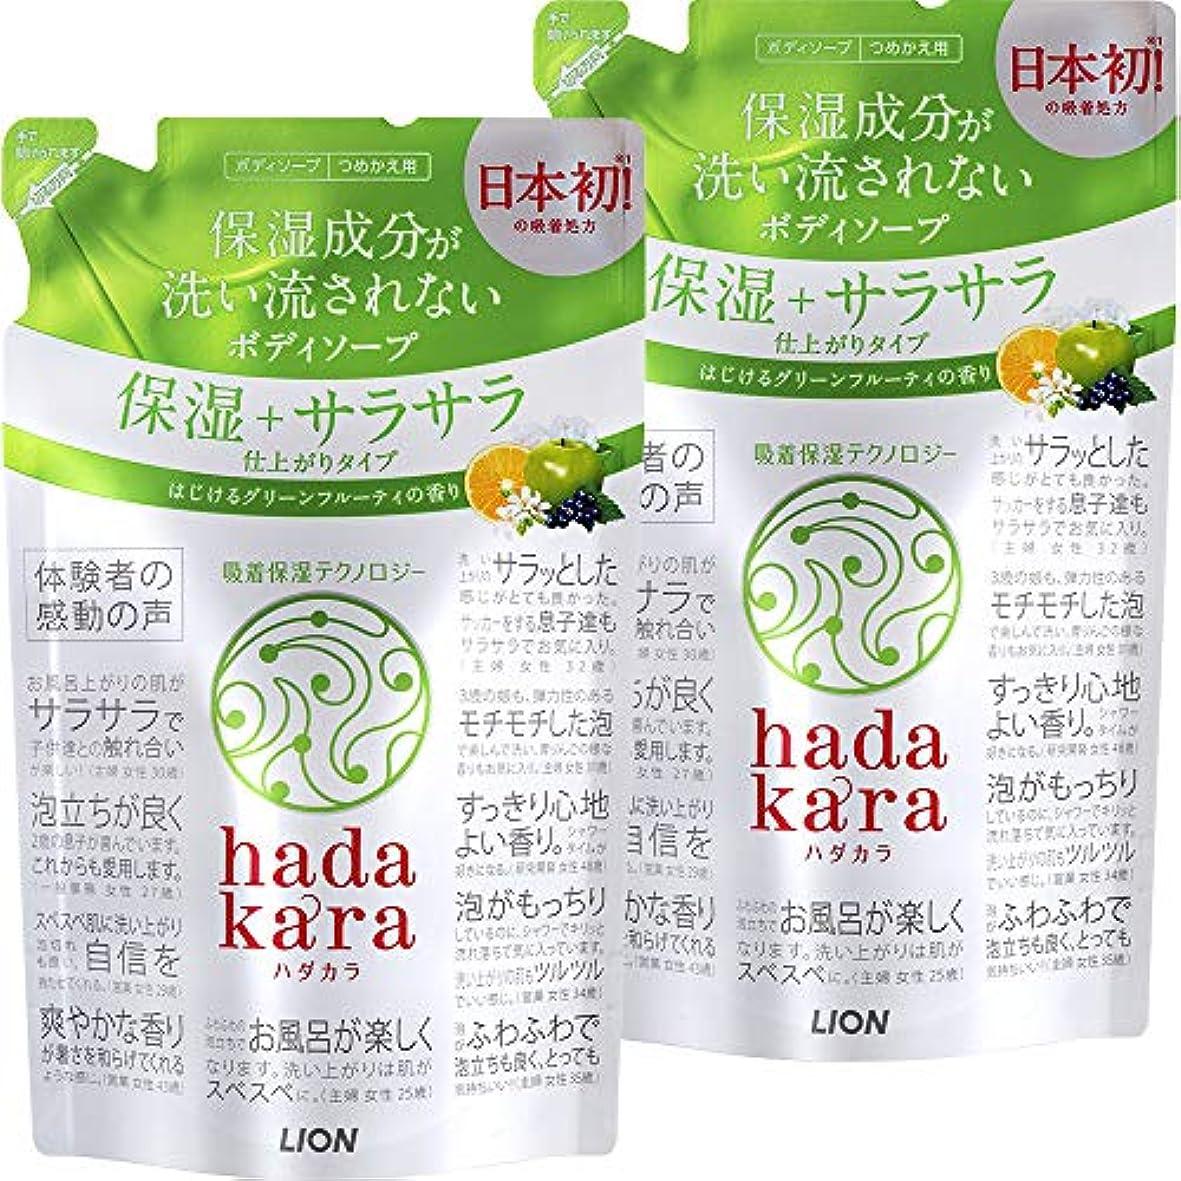 東部申込み印象派【まとめ買い】hadakara(ハダカラ) ボディソープ 保湿+サラサラ仕上がりタイプ グリーンフルーティの香り 詰め替え 340ml×2個パック